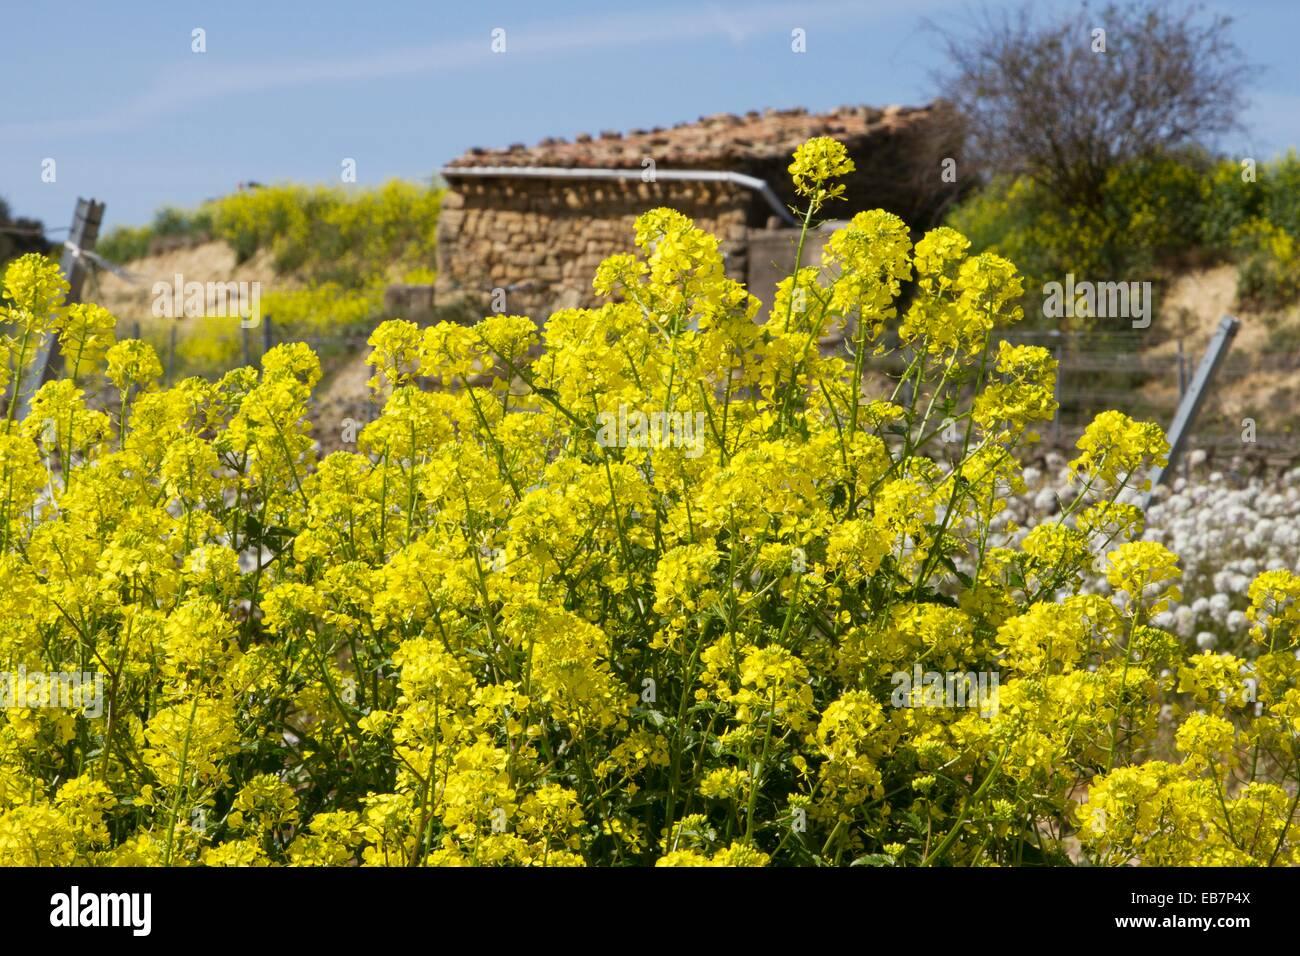 Vineyards Full Of Flowers In Spring In La Rioja Spain Stock Photo